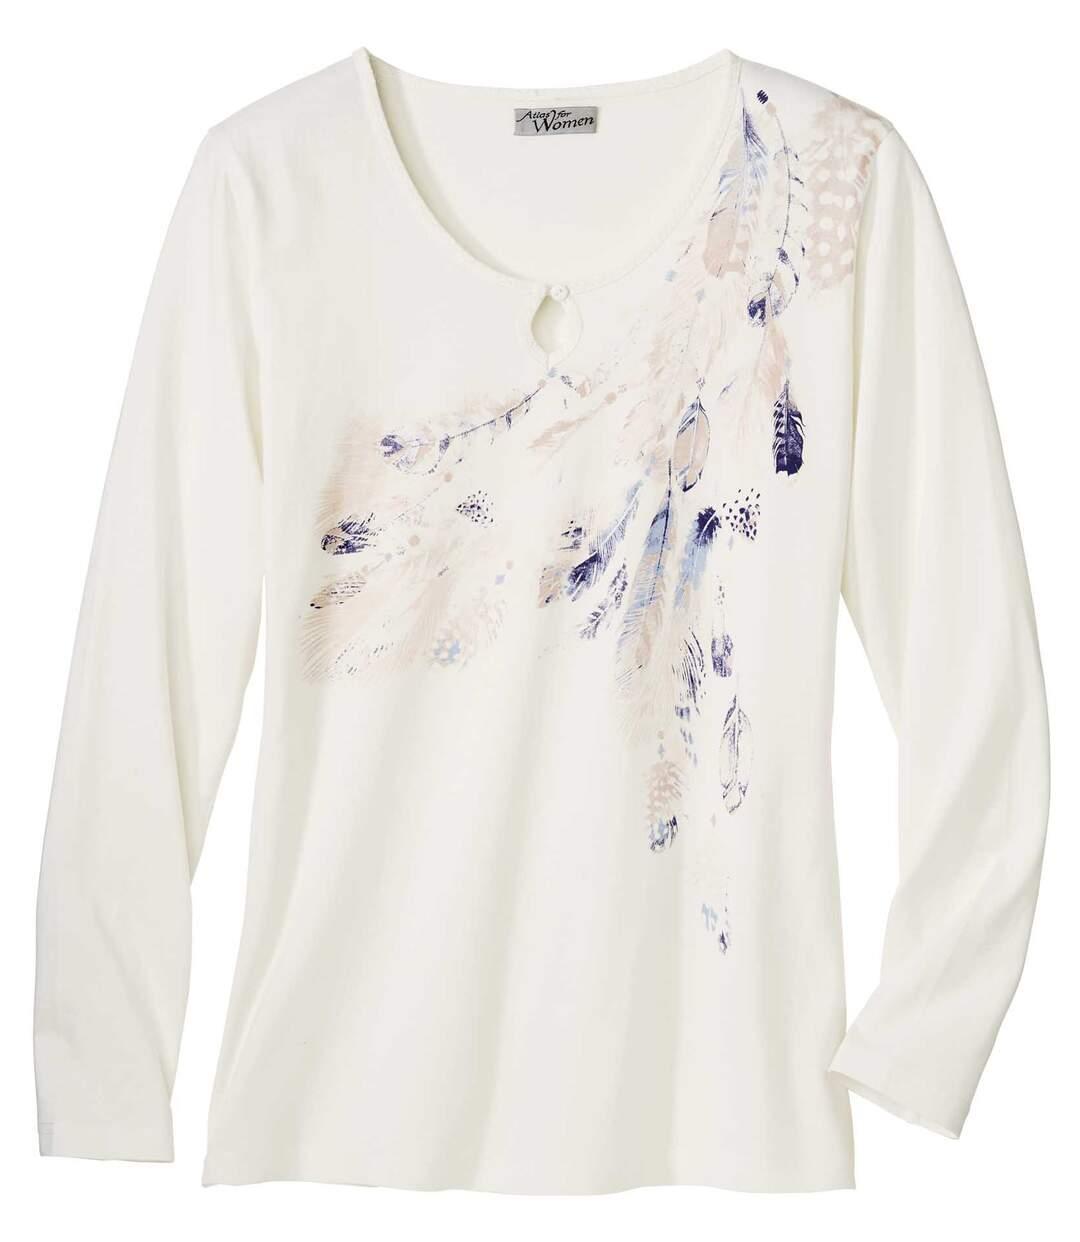 Tričko s motivy ptačích per v pastelových tónech